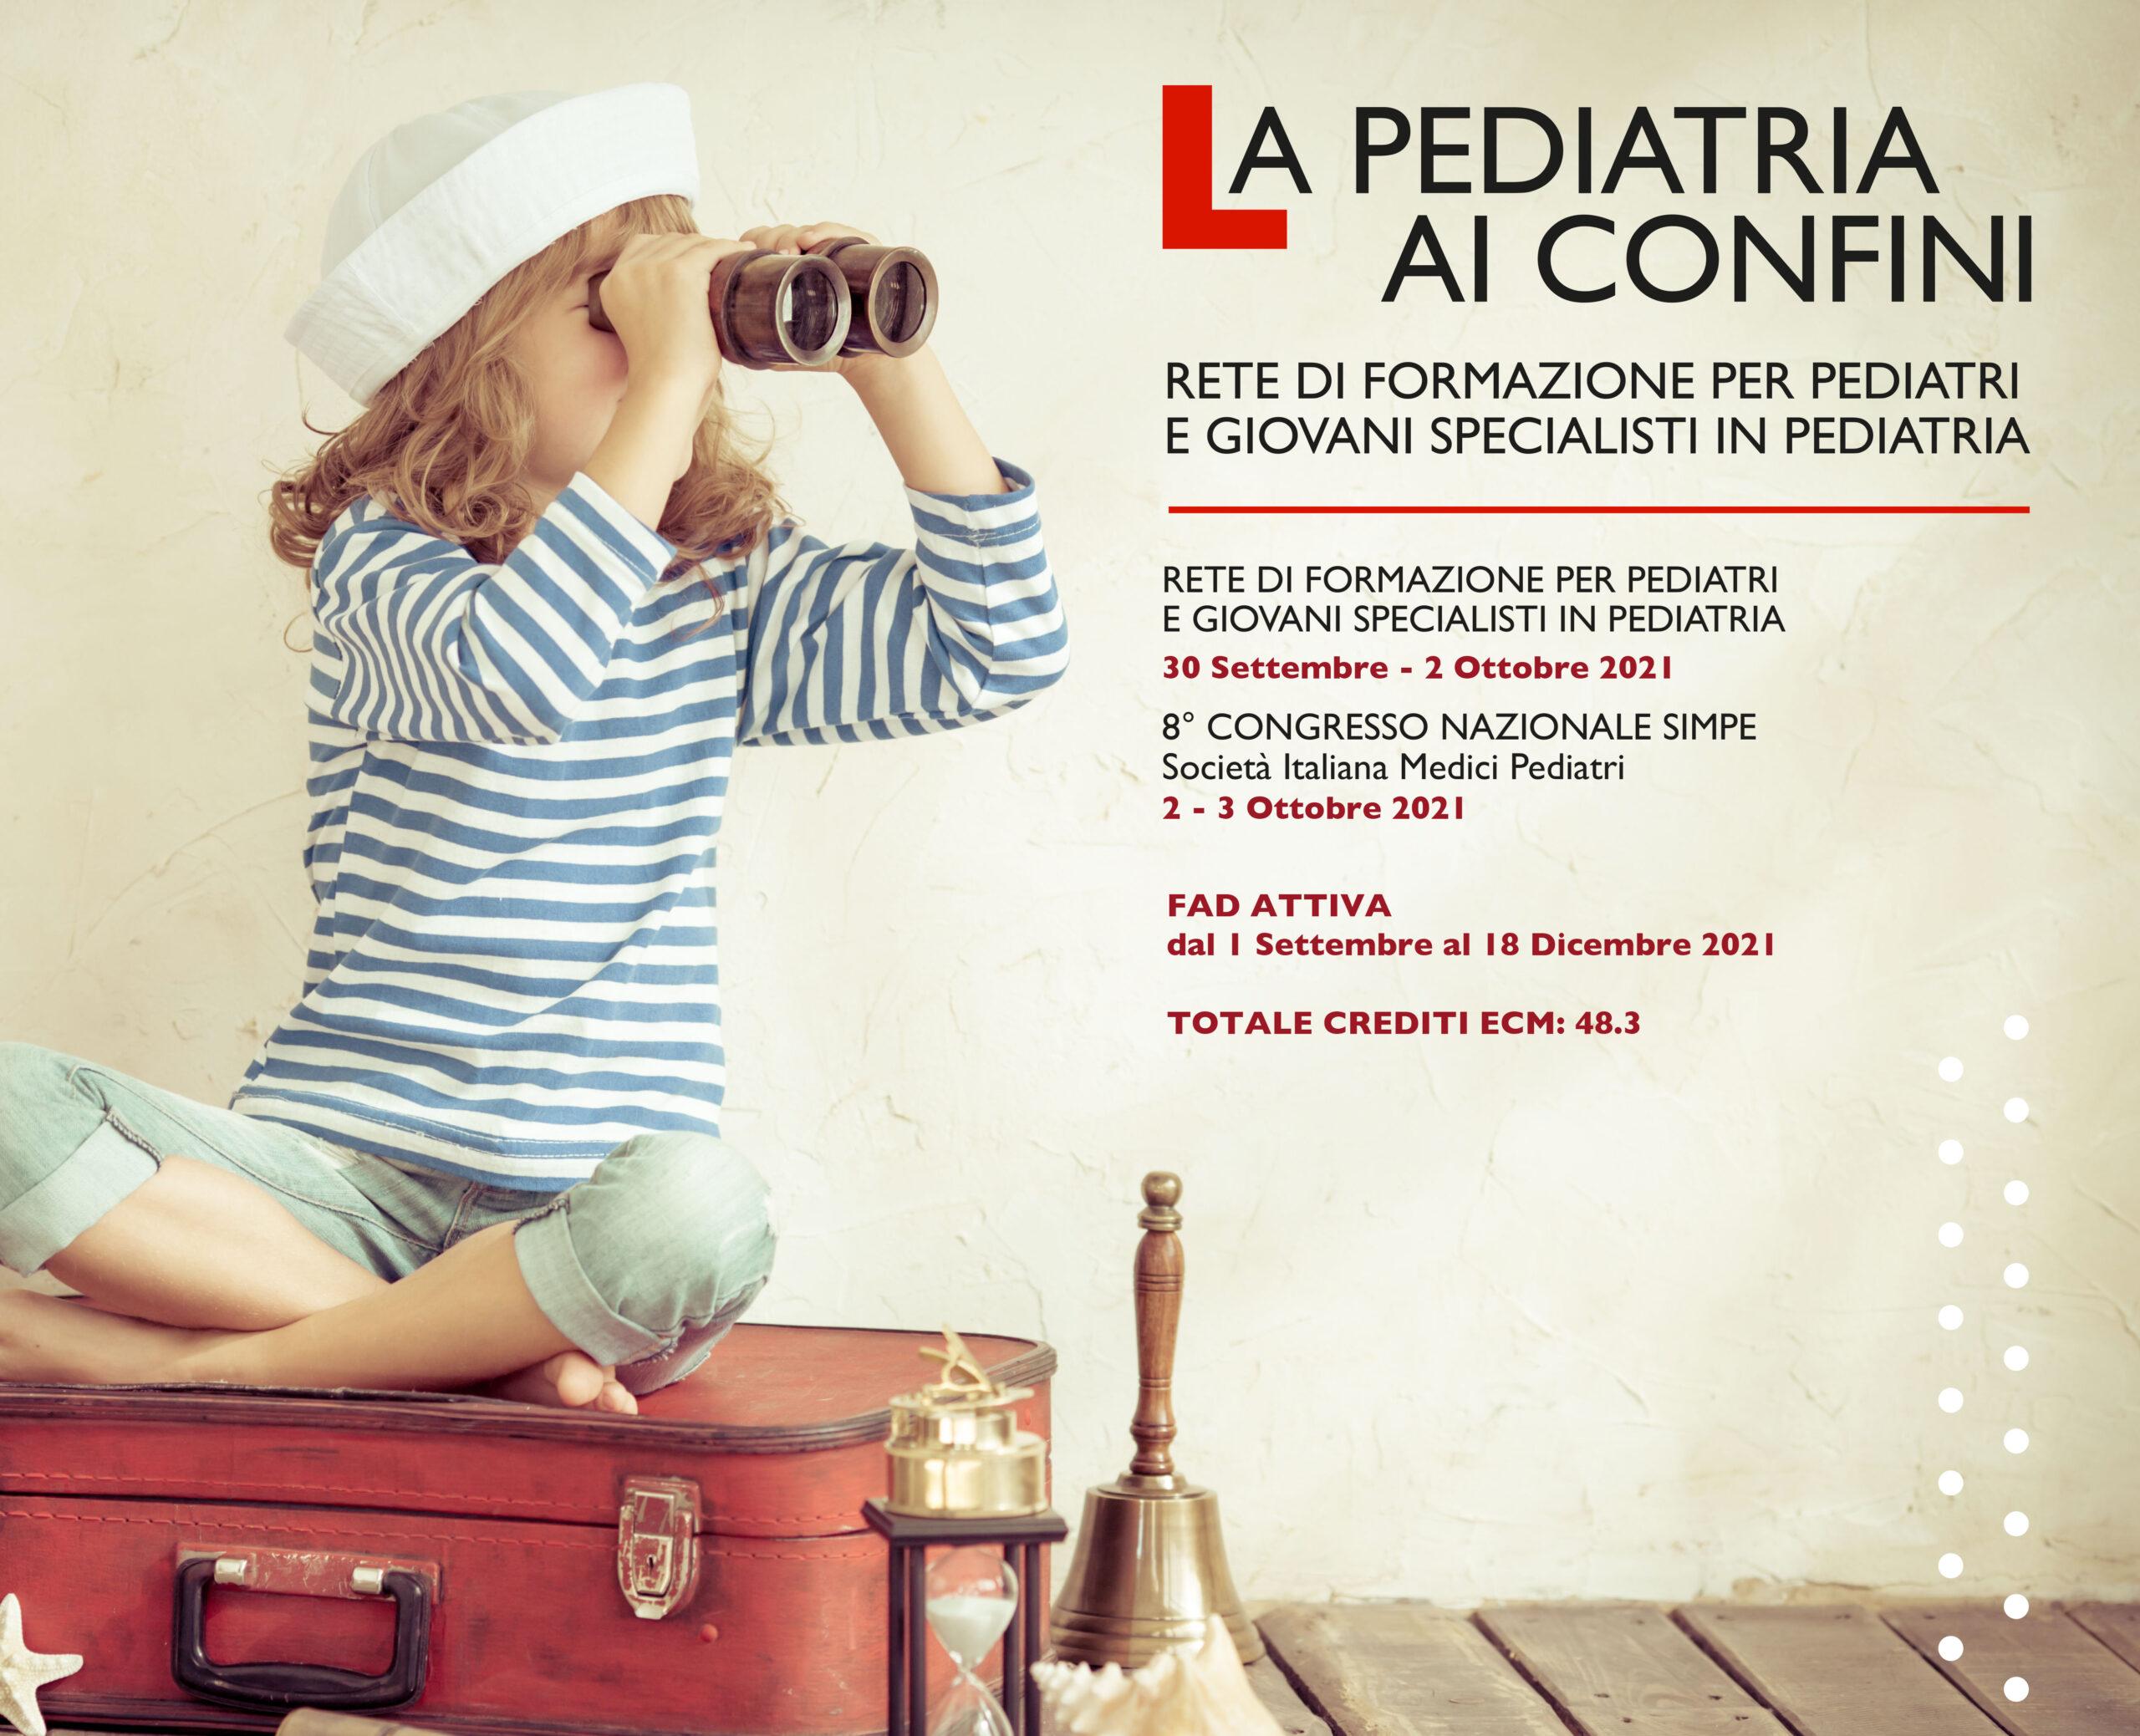 La pediatria ai confini